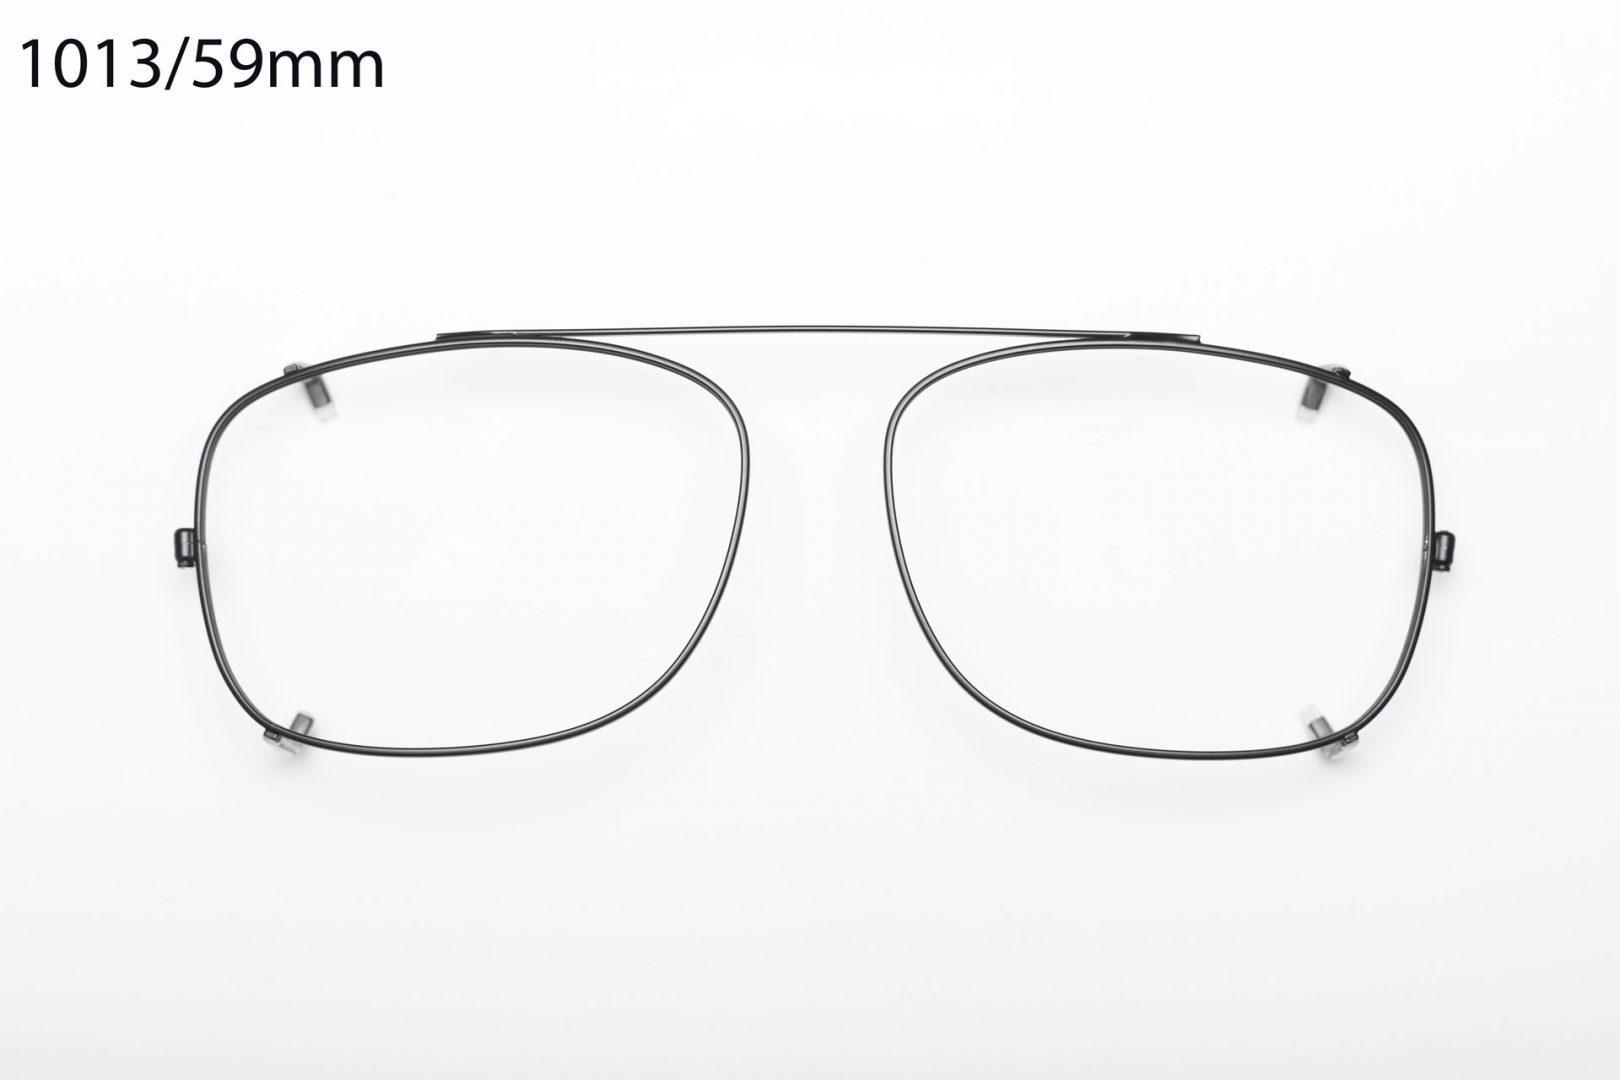 Modèle A41-101359mm